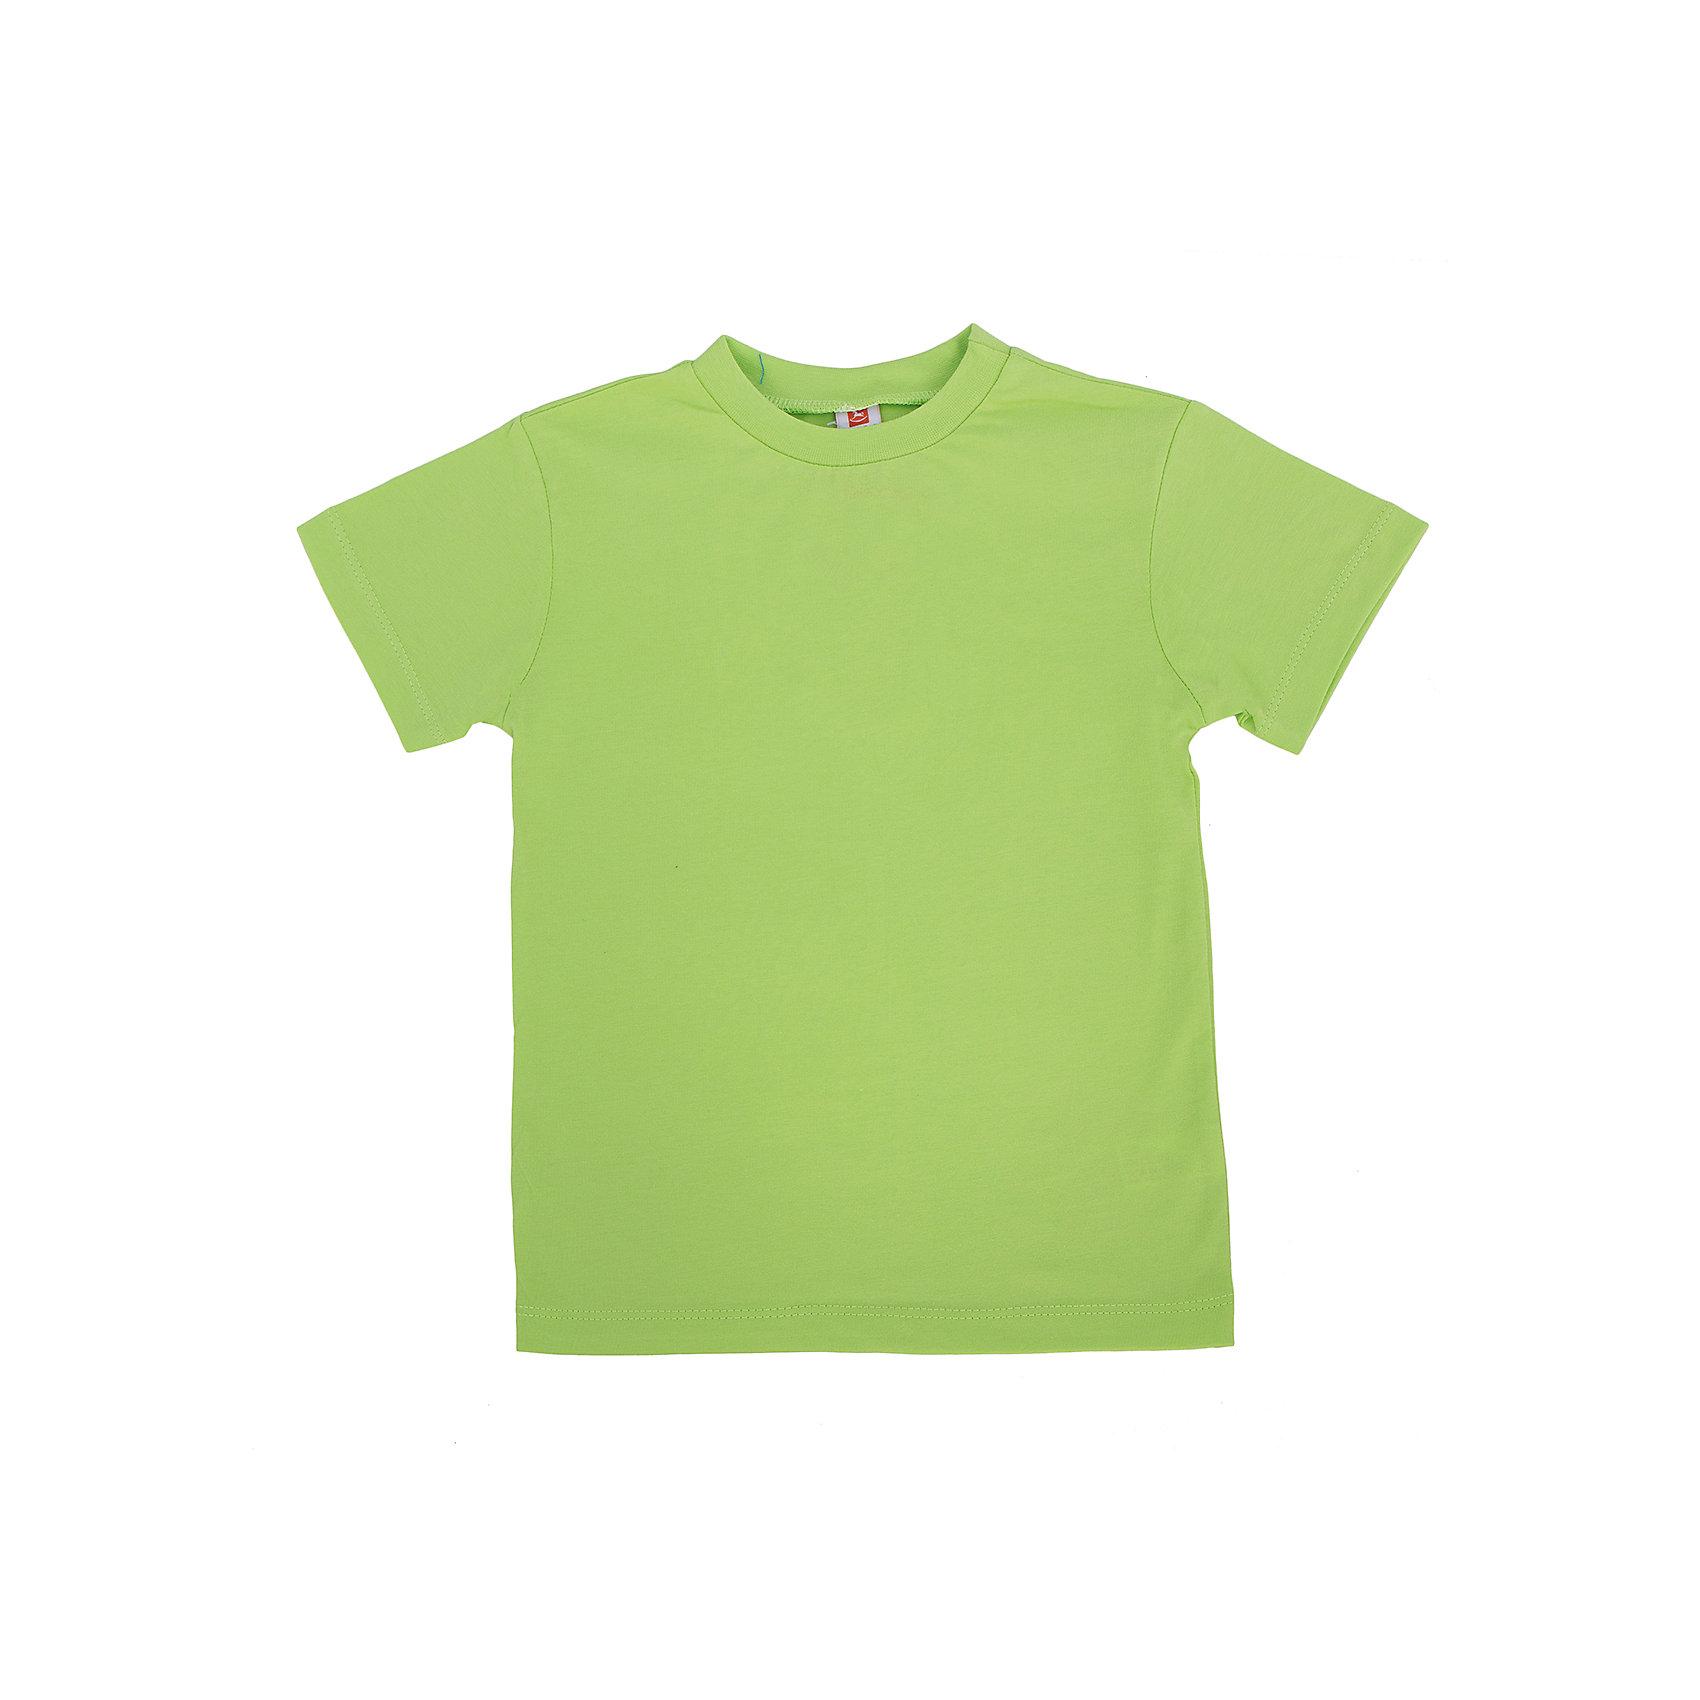 Футболка для мальчика GoldyХлопковая универсальная футболка для мальчика поможет разнообразить гардероб, создать подходящий погоде ансамбль. Удобный крой и качественный материал обеспечат ребенку комфорт при ношении изделия. <br>Футболка смотрится аккуратно, хорошо сидит по фигуре. Яркий цвет делает ее ярким акцентом в наряде. Материал - легкий, но прочный, отлично подходит для детской одежды, состоит преимущественно из дышащего натурального хлопка. Очень приятен на ощупь, не вызывает аллергии.<br><br>Дополнительная информация:<br><br>материал: 100% хлопок;<br>цвет: салатовый;<br>круглый горловой вырез;<br>короткие рукава.<br><br>Футболку для мальчика от бренда Goldy (Голди) можно купить в нашем магазине.<br><br>Ширина мм: 199<br>Глубина мм: 10<br>Высота мм: 161<br>Вес г: 151<br>Цвет: зеленый<br>Возраст от месяцев: 24<br>Возраст до месяцев: 36<br>Пол: Мужской<br>Возраст: Детский<br>Размер: 98,104,110,116,122,92<br>SKU: 4793721